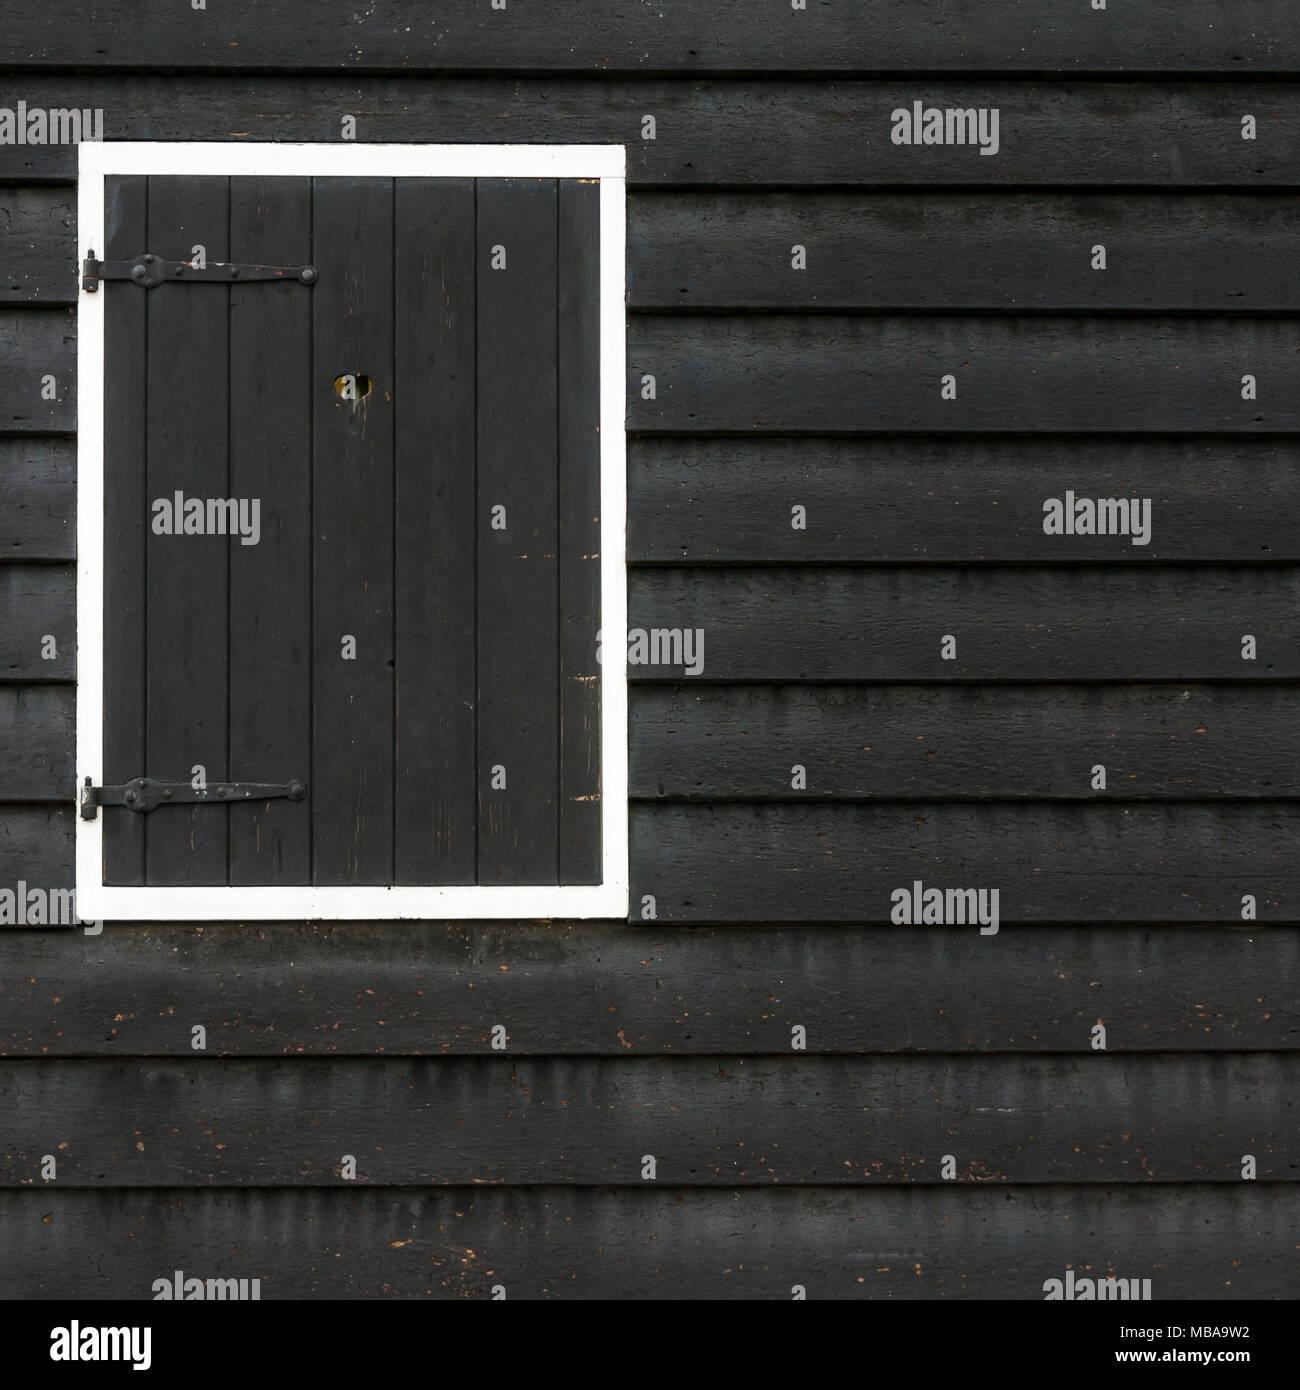 Schwarzes Holz geschlossene holz schwarzes fenster amsterdam niederlande